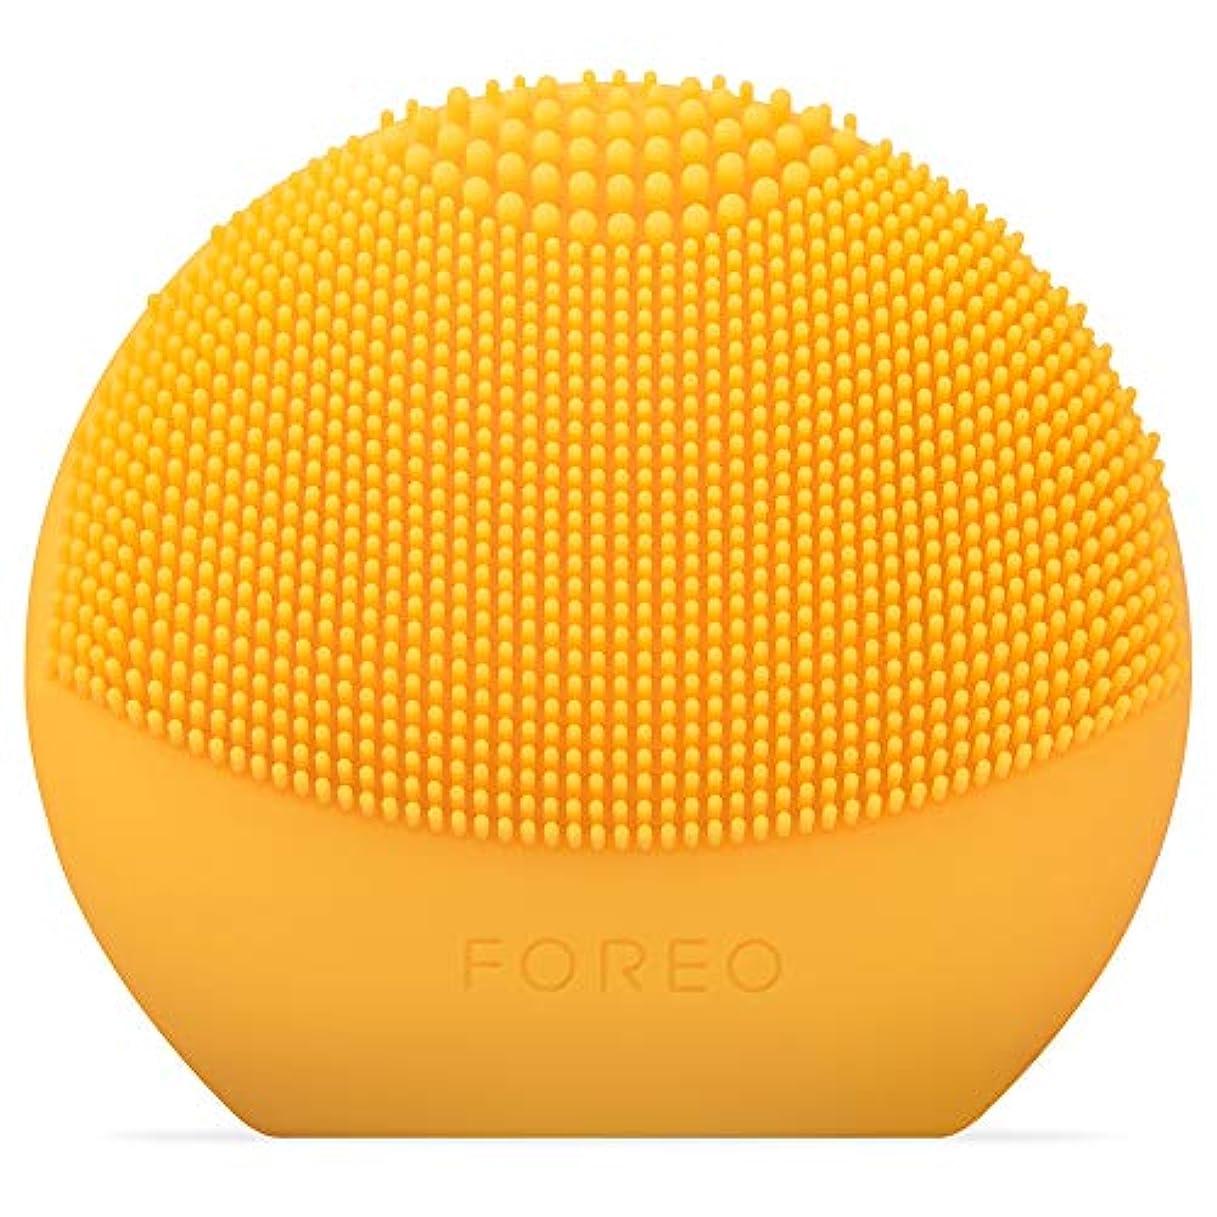 振る水を飲む床を掃除するFOREO LUNA fofo サンフラワーイエロー スマートクレンジングデバイス 電動洗顔ブラシ シリコーン製